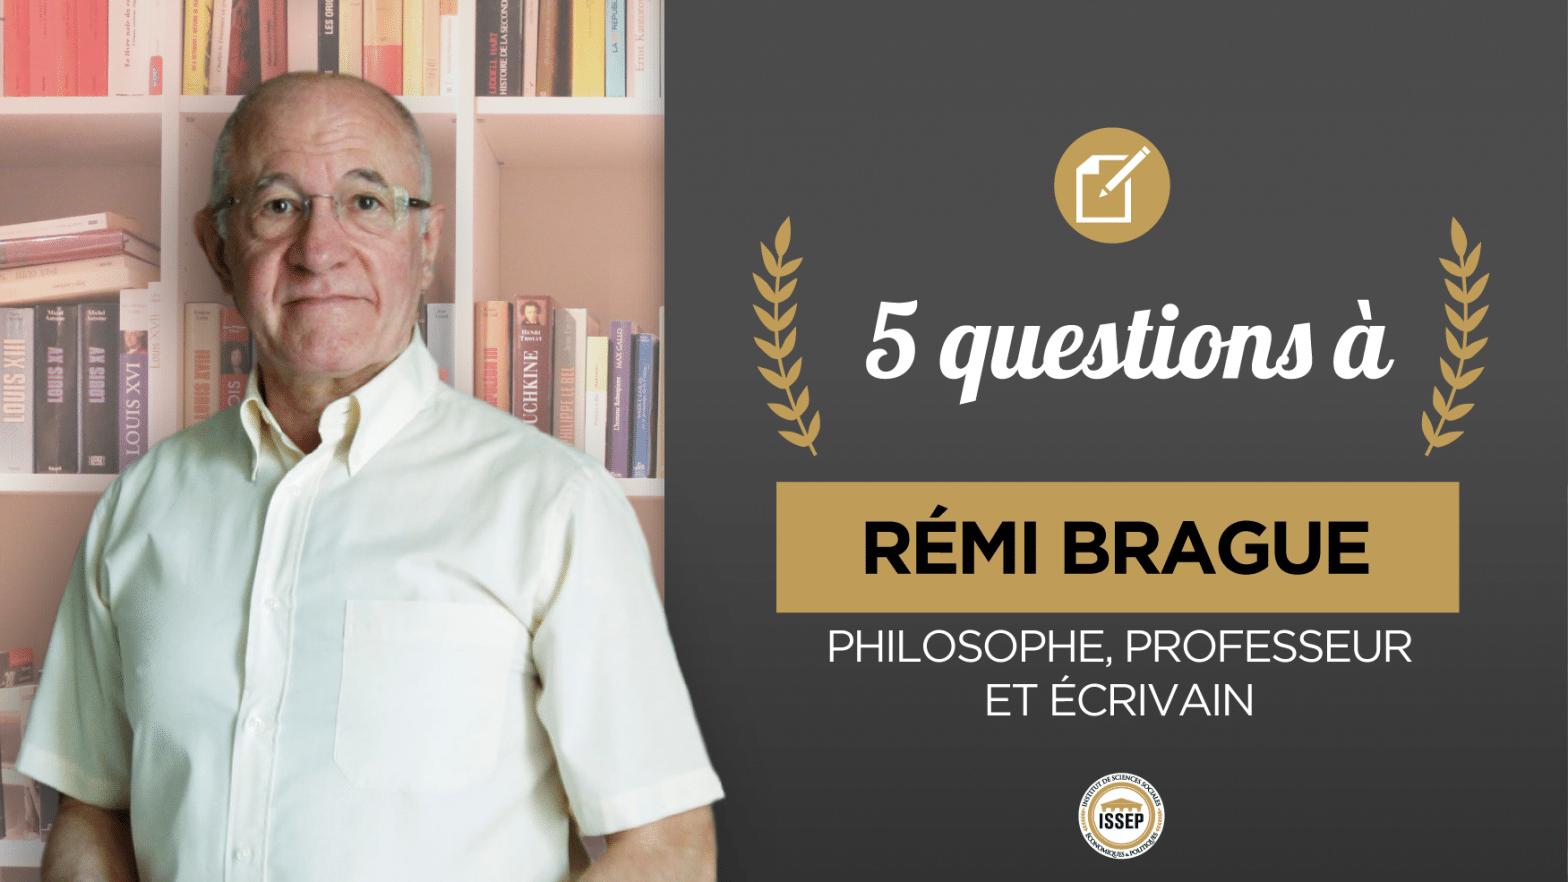 5 questions à Rémi Brague